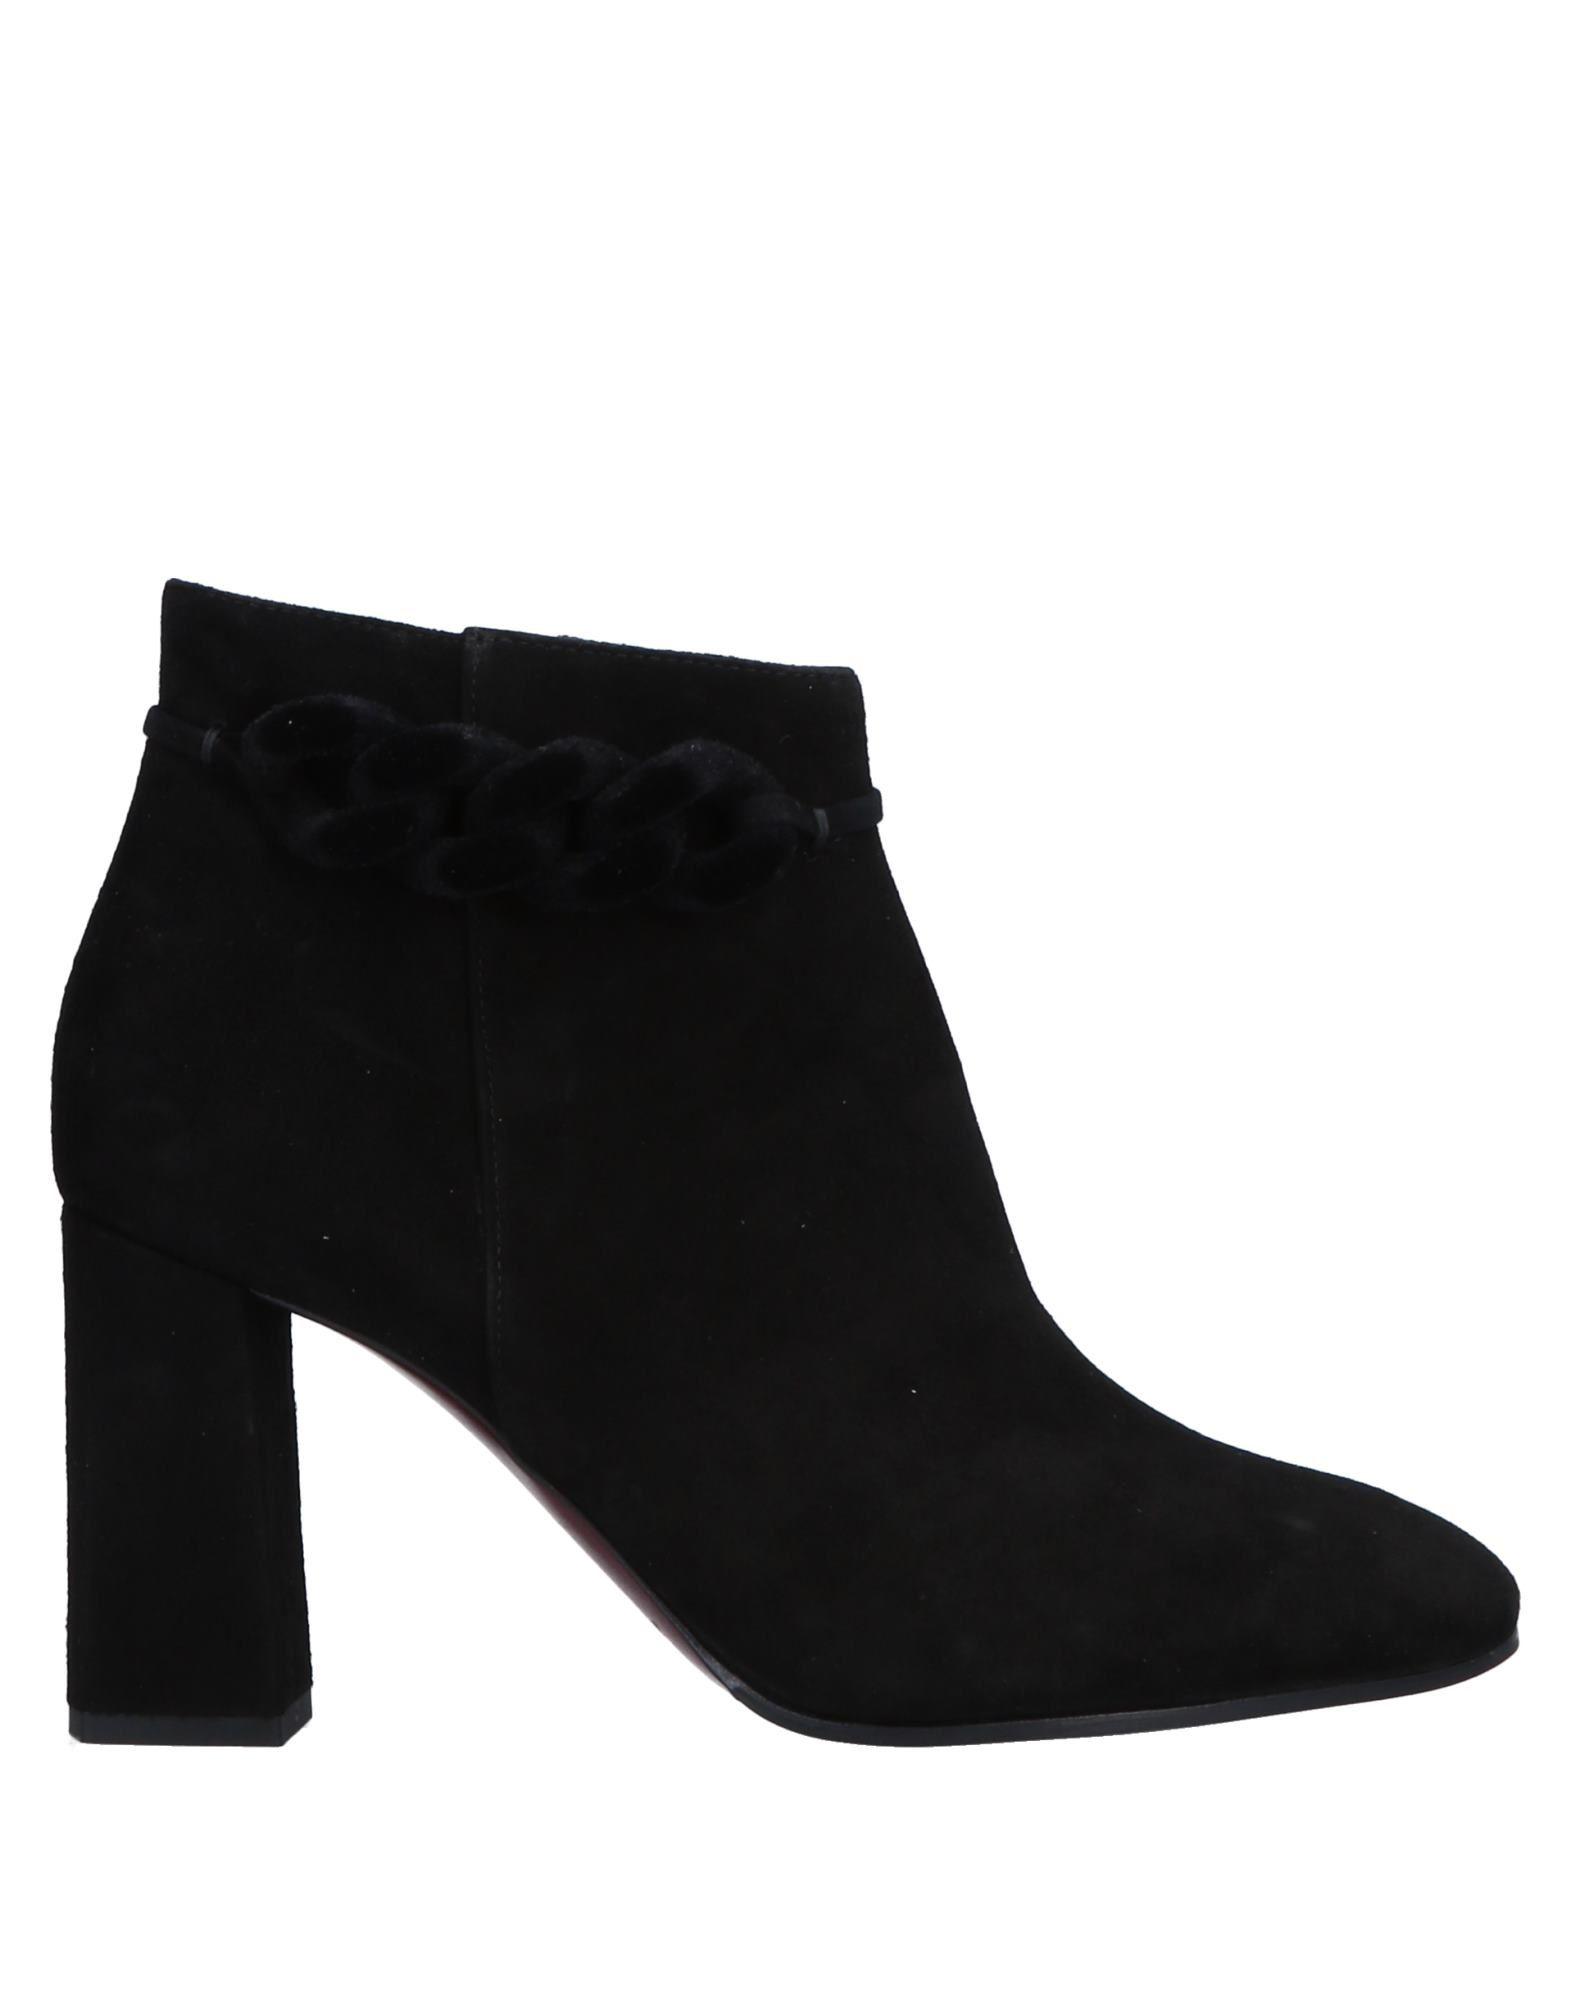 Fabi Stiefelette Damen aussehende  11536212FXGut aussehende Damen strapazierfähige Schuhe c51dea